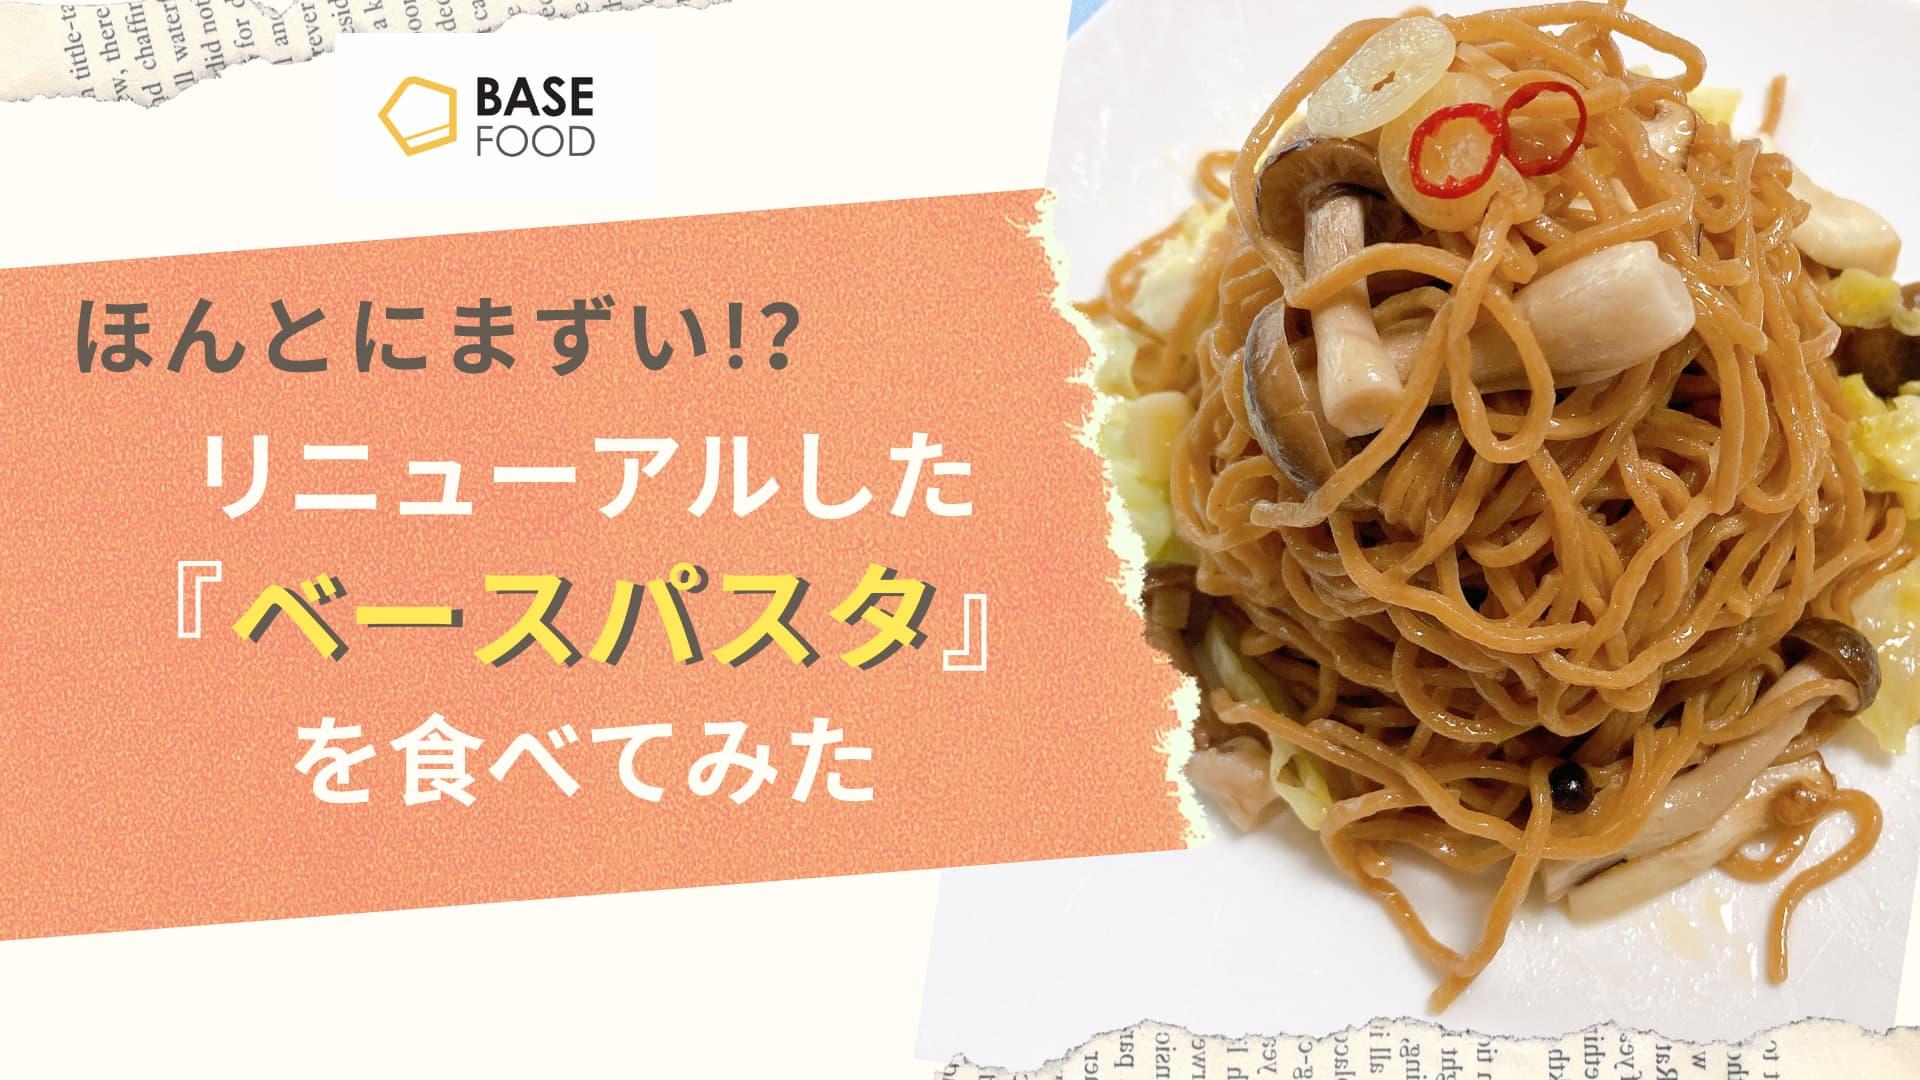 まずいと噂の『ベースパスタ』 を食べてみた リニューアル アイキャッチ画像